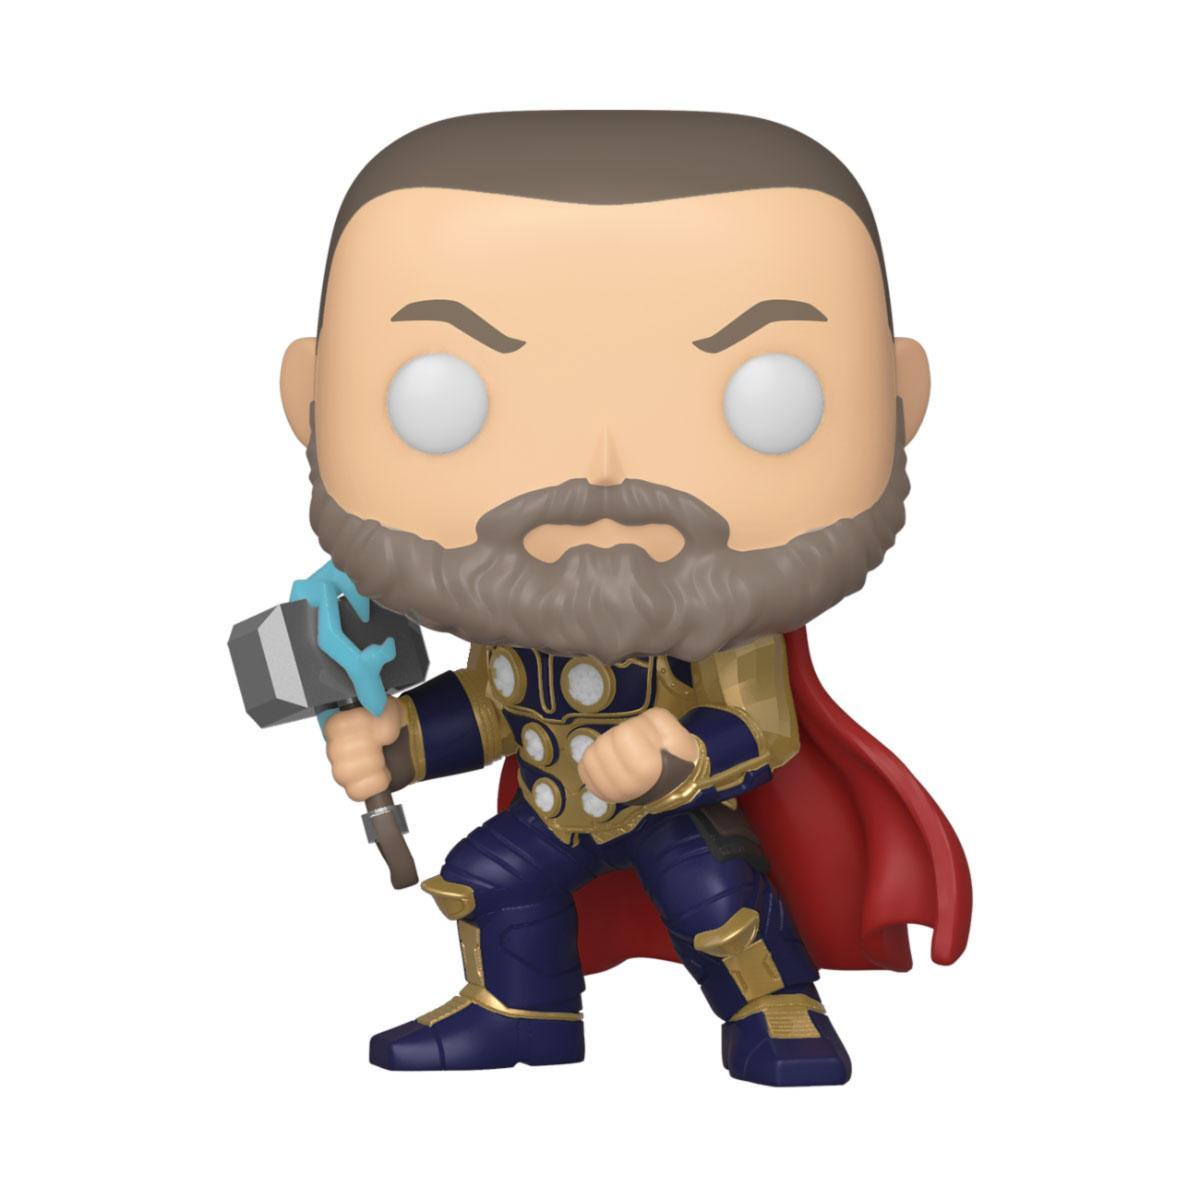 Marvel's Avengers (2020 video game) POP! Marvel Vinyl Figure Thor 9 cm